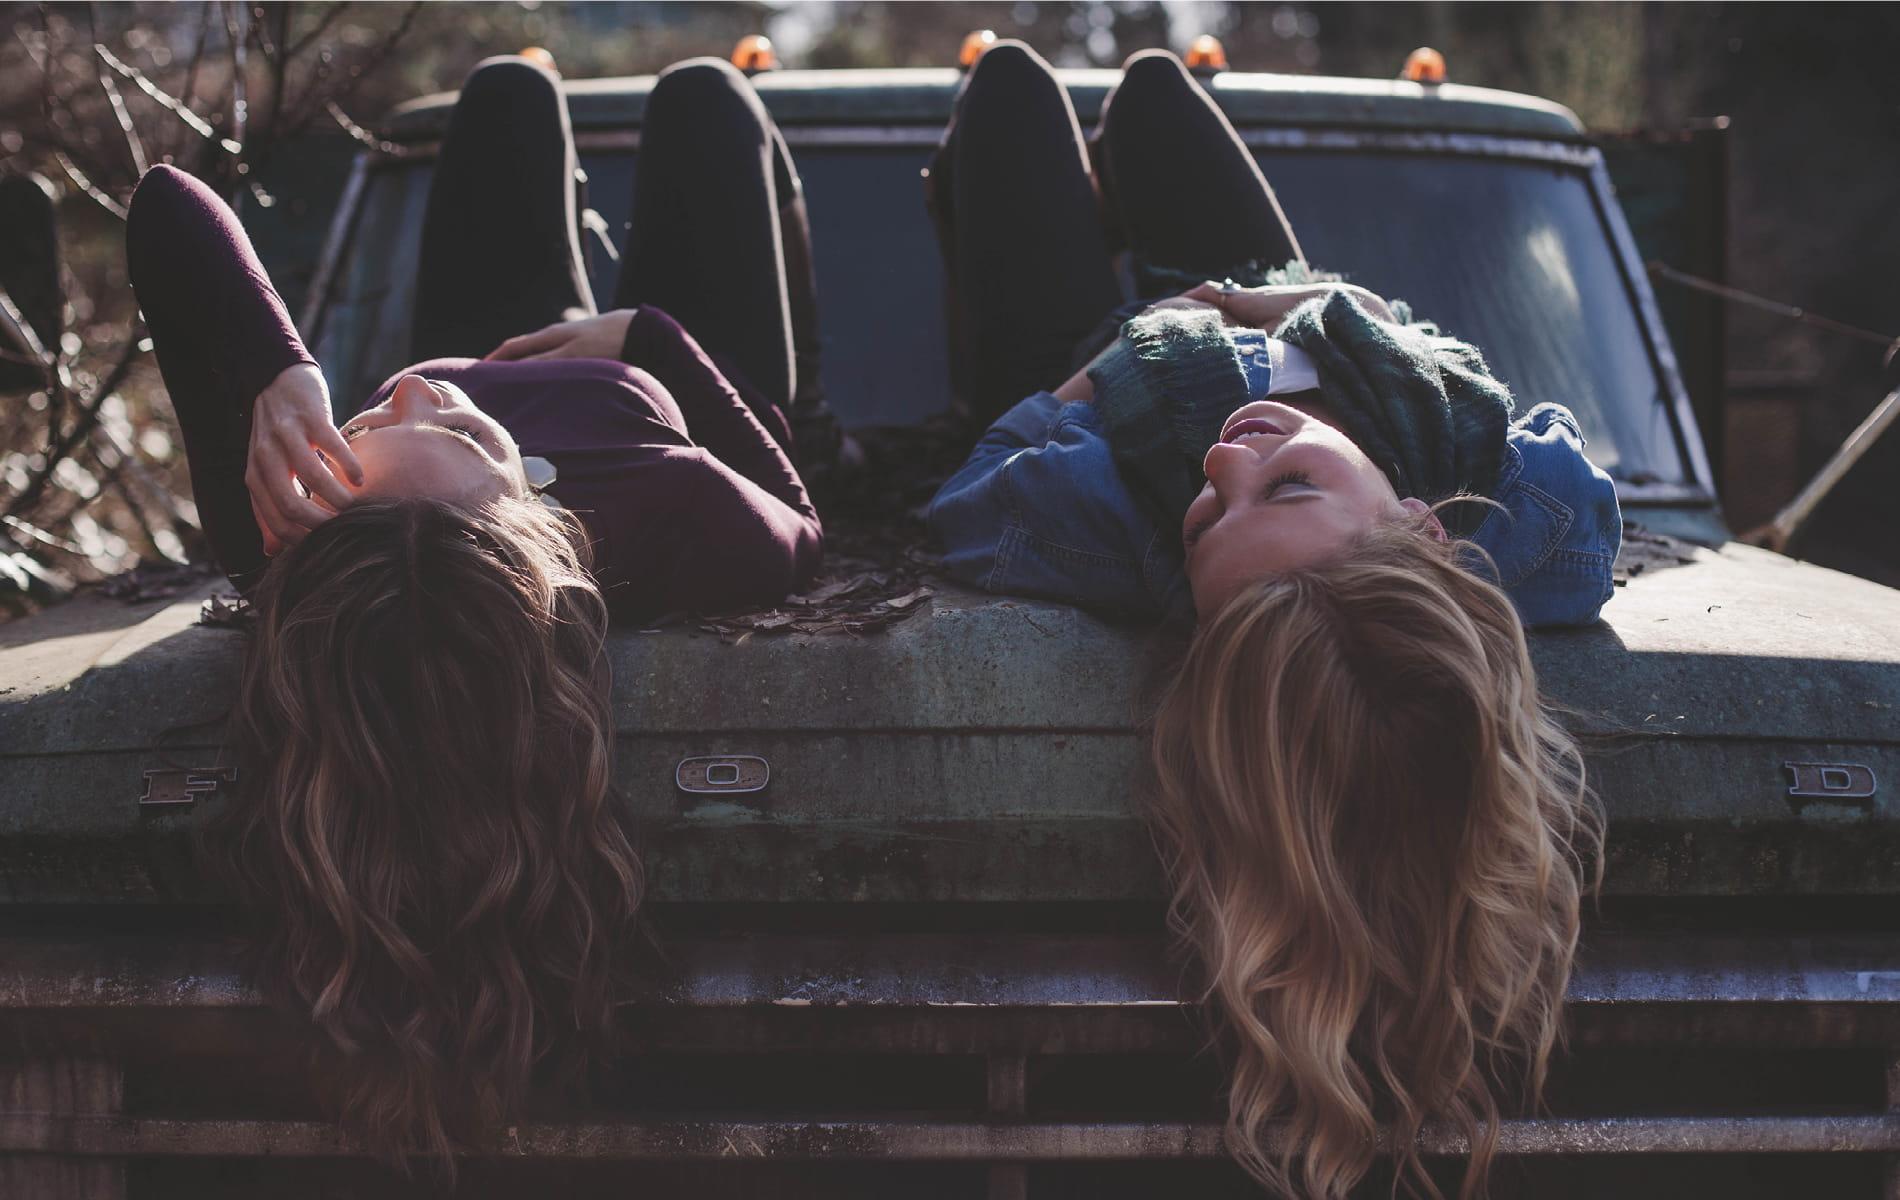 Zwei Frauen liegen mit dem Rücken auf einer Motorhaube